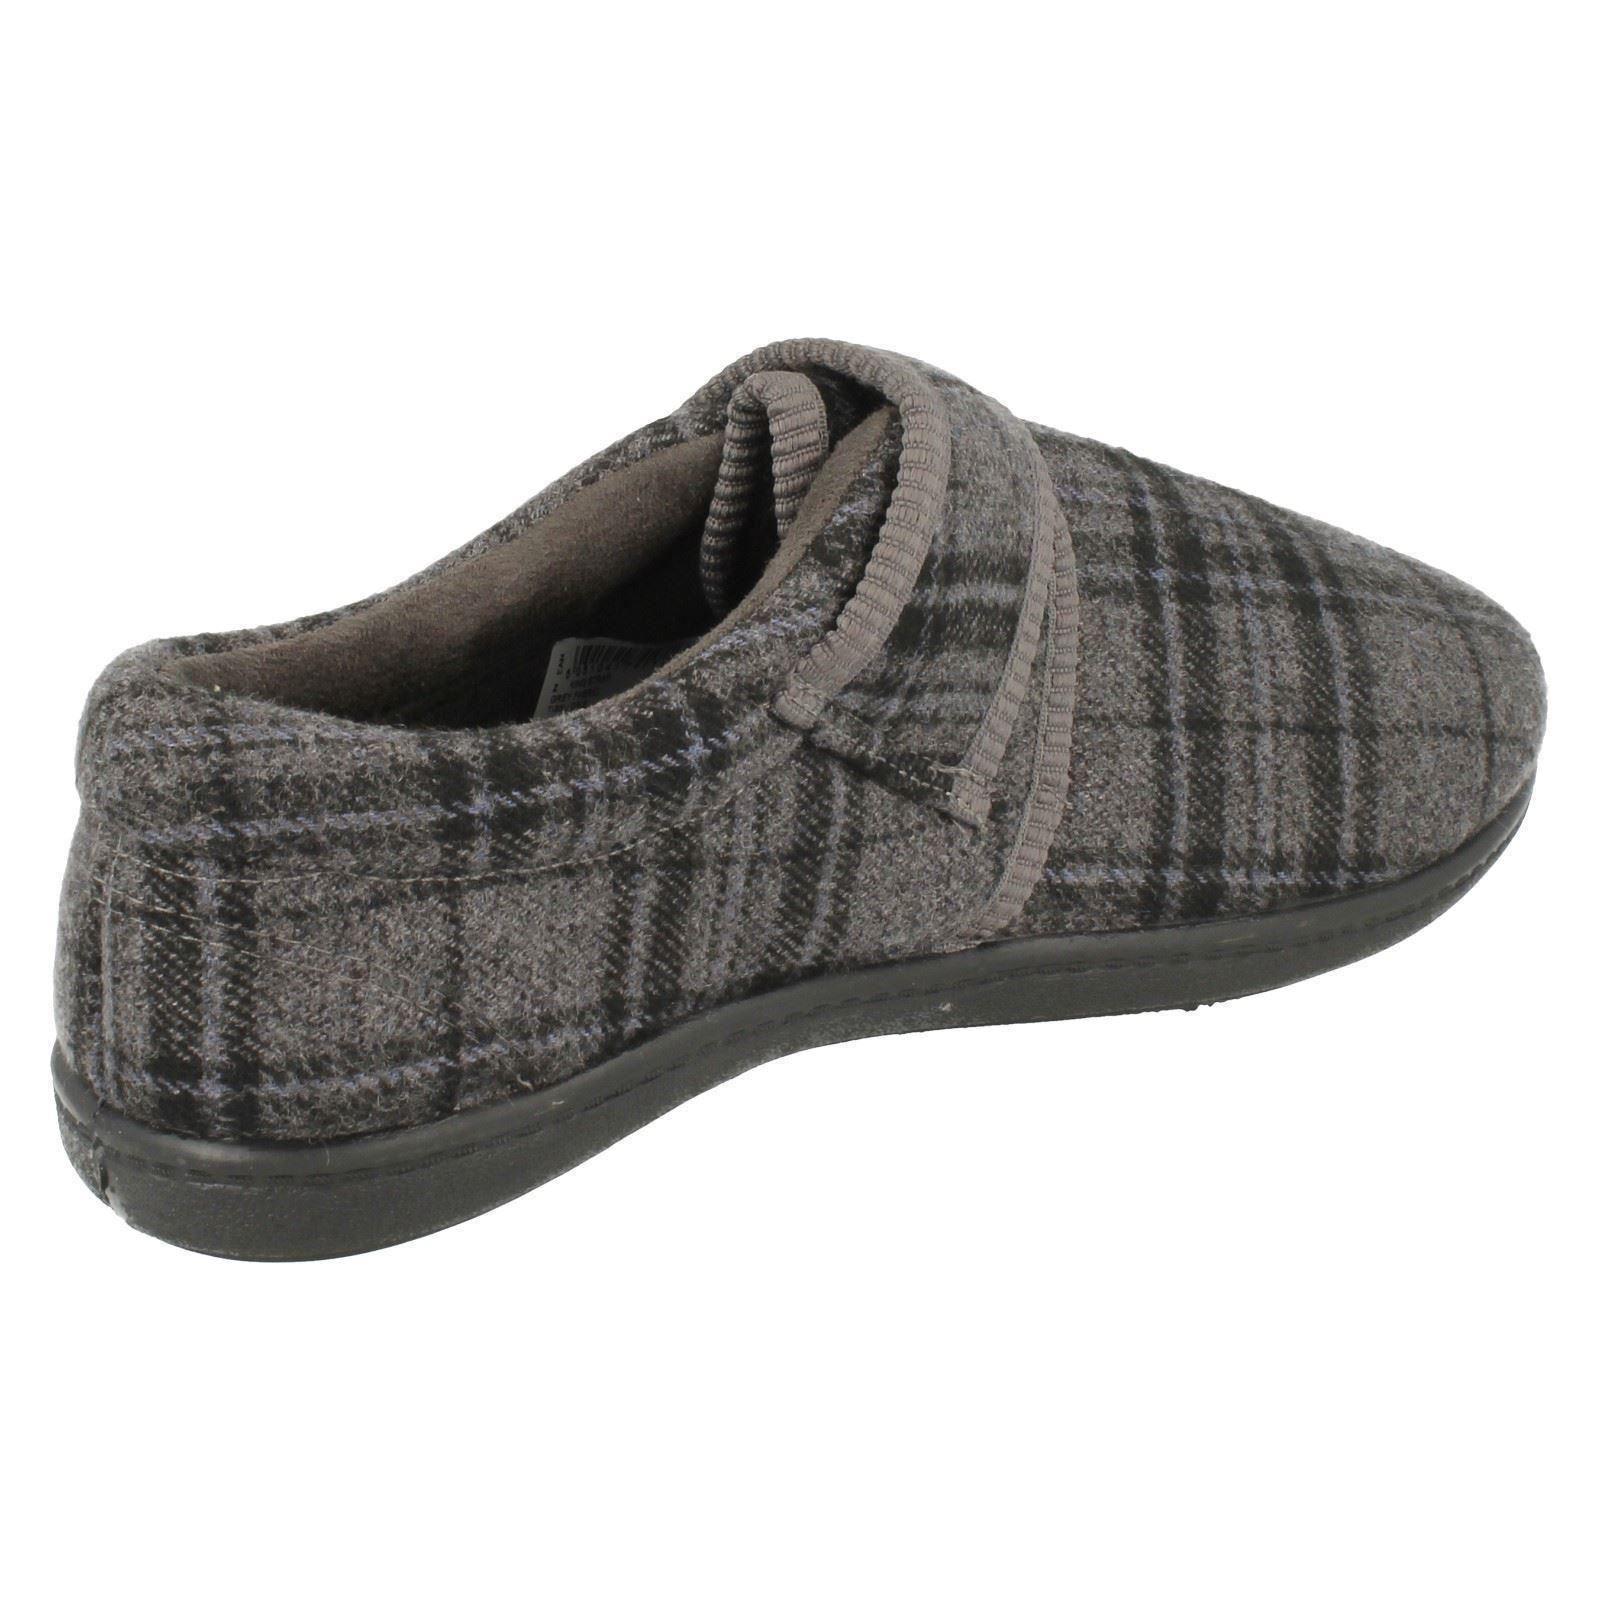 Uomo-Clarks-A-STRAPPO-CHIUSURA-Pantofole-039-re-spalline-039